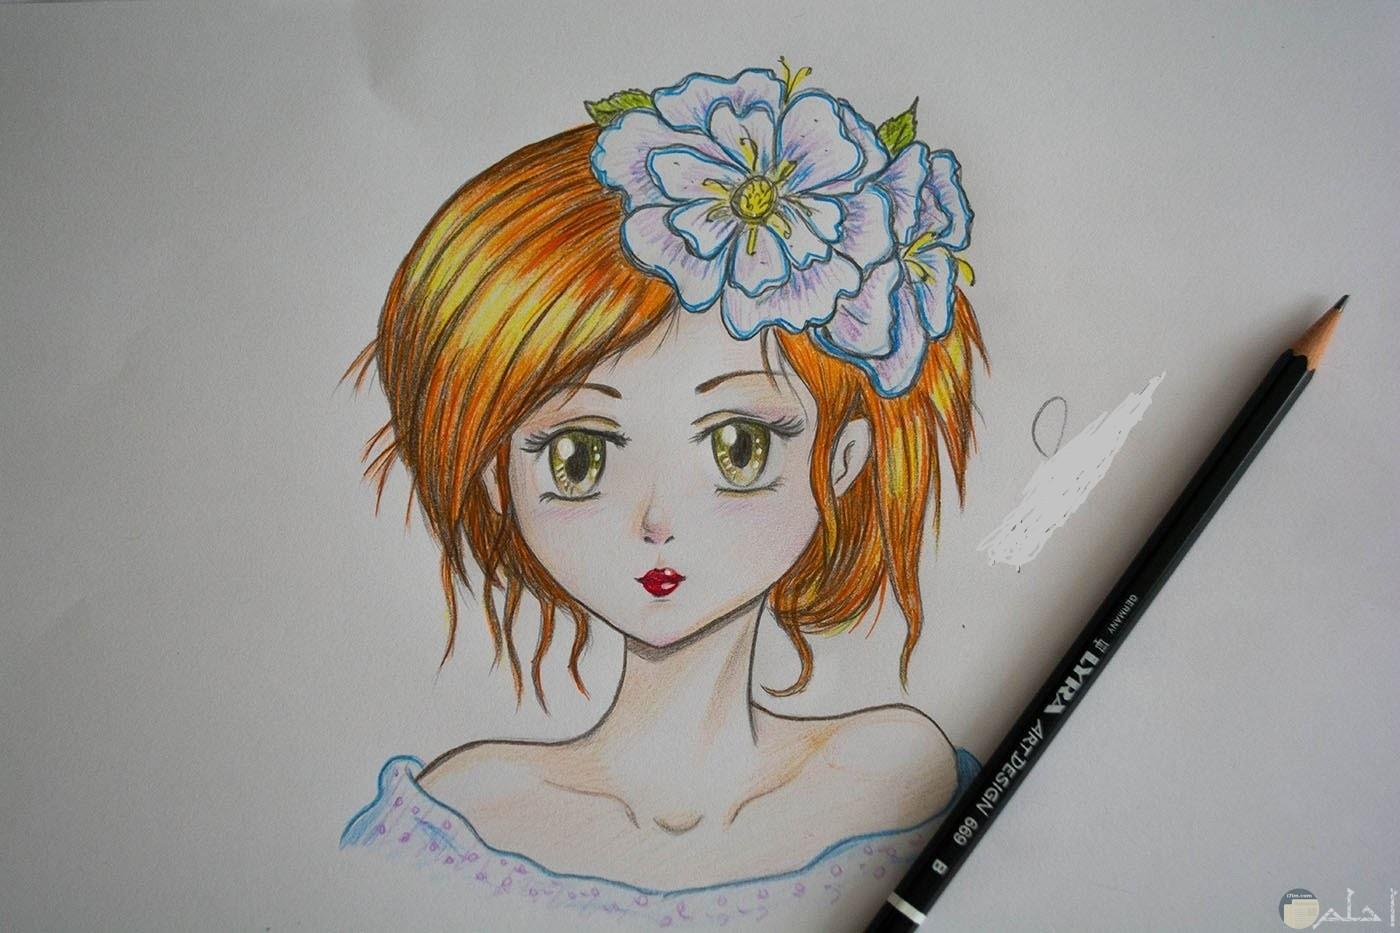 رسمة لبنت انمي ملونة ظاهر الرأس و أعلى الجسد فقط.